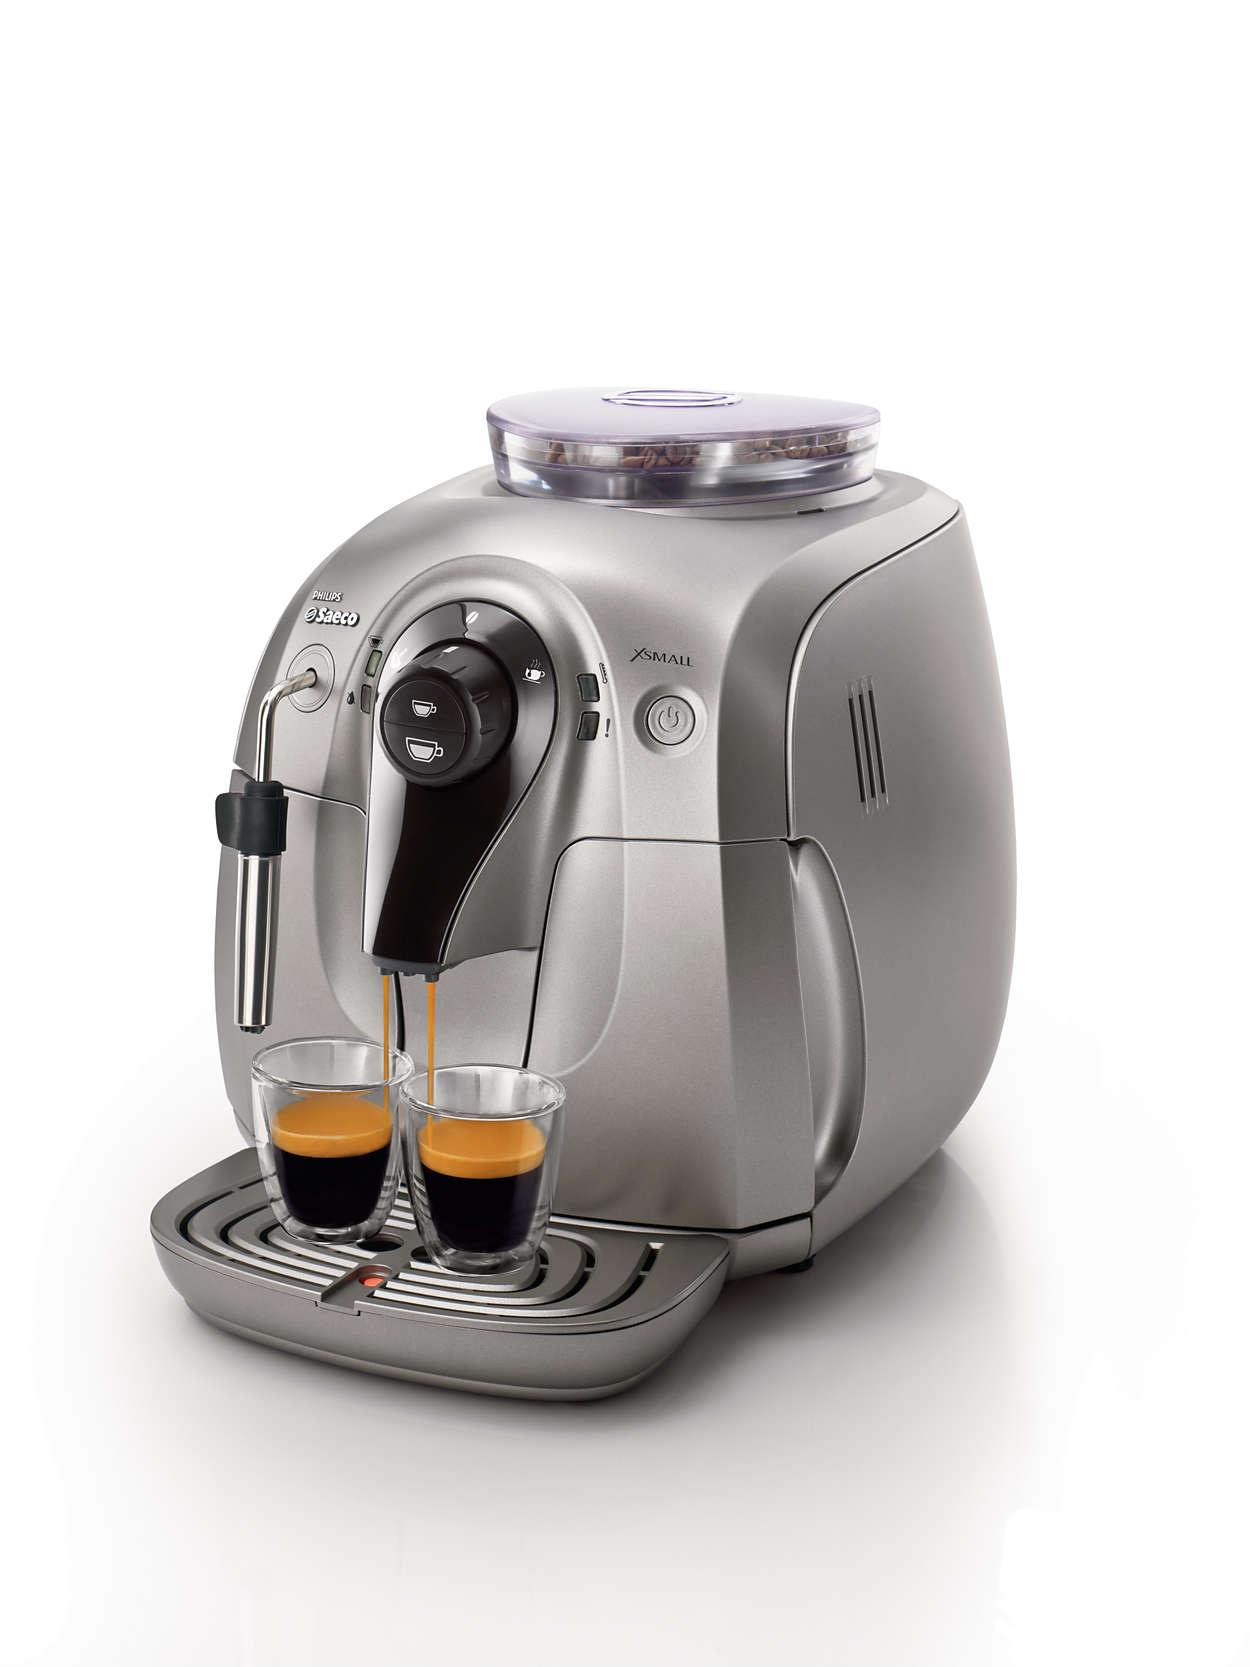 Poczuj aromat ziaren ulubionej kawy.